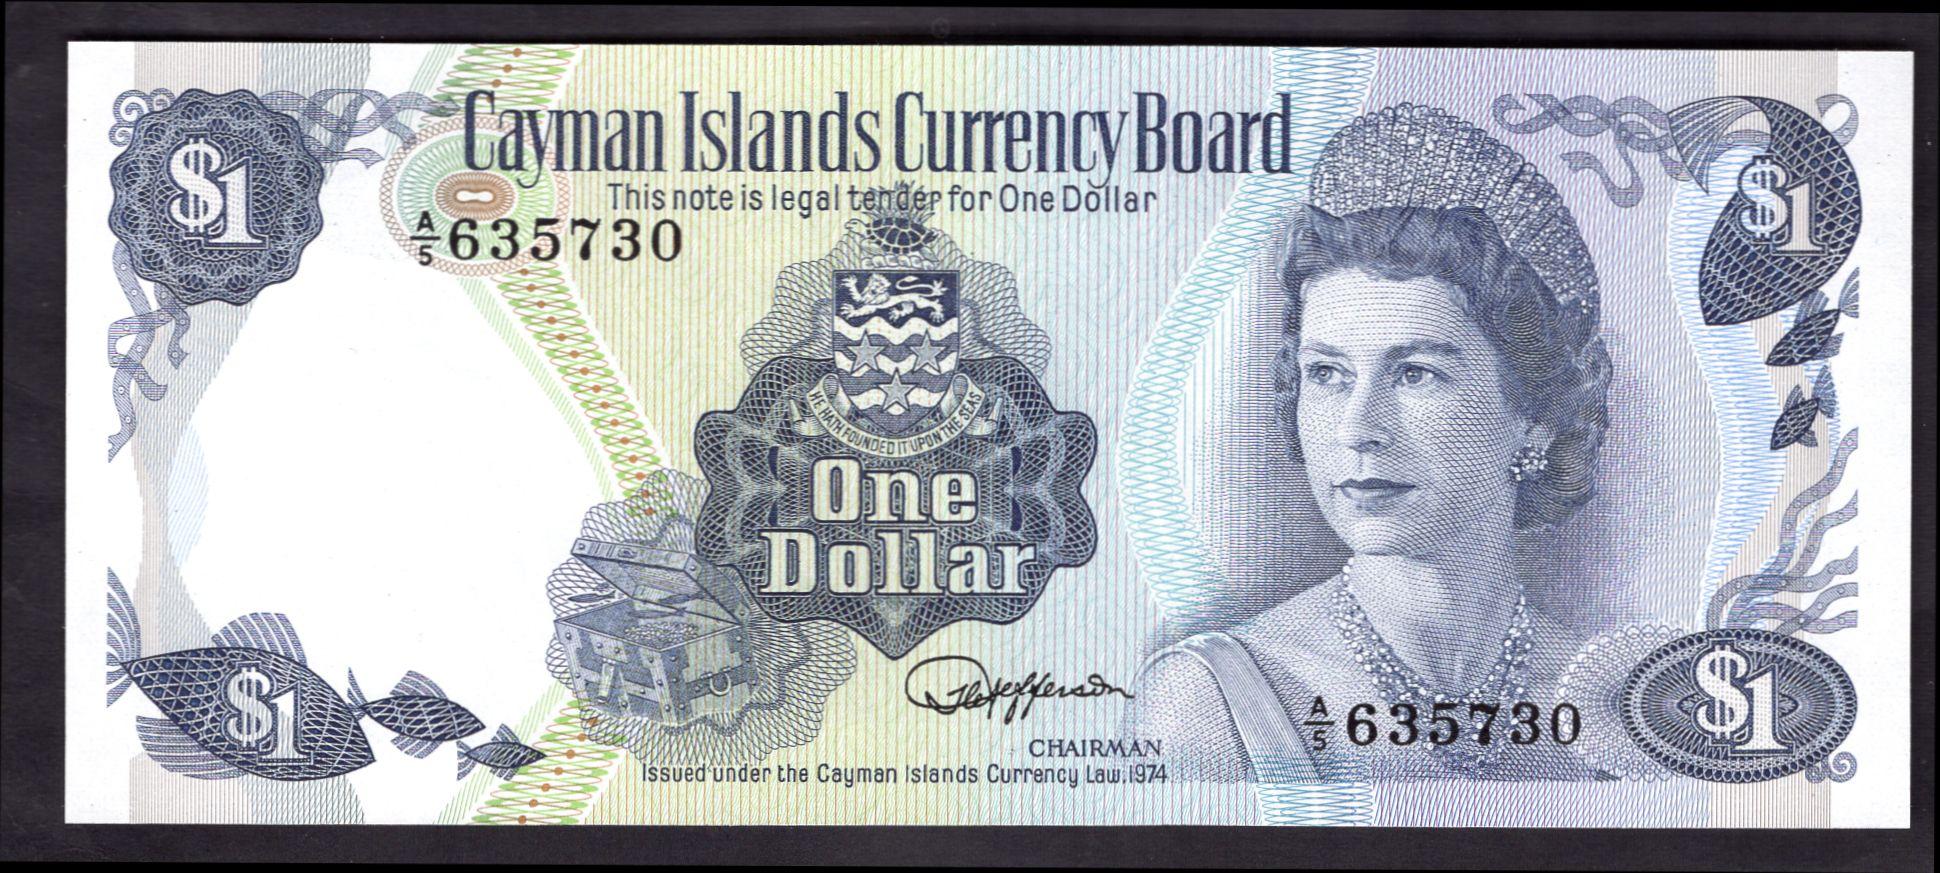 Cayman Islands Currency Board One Dollar